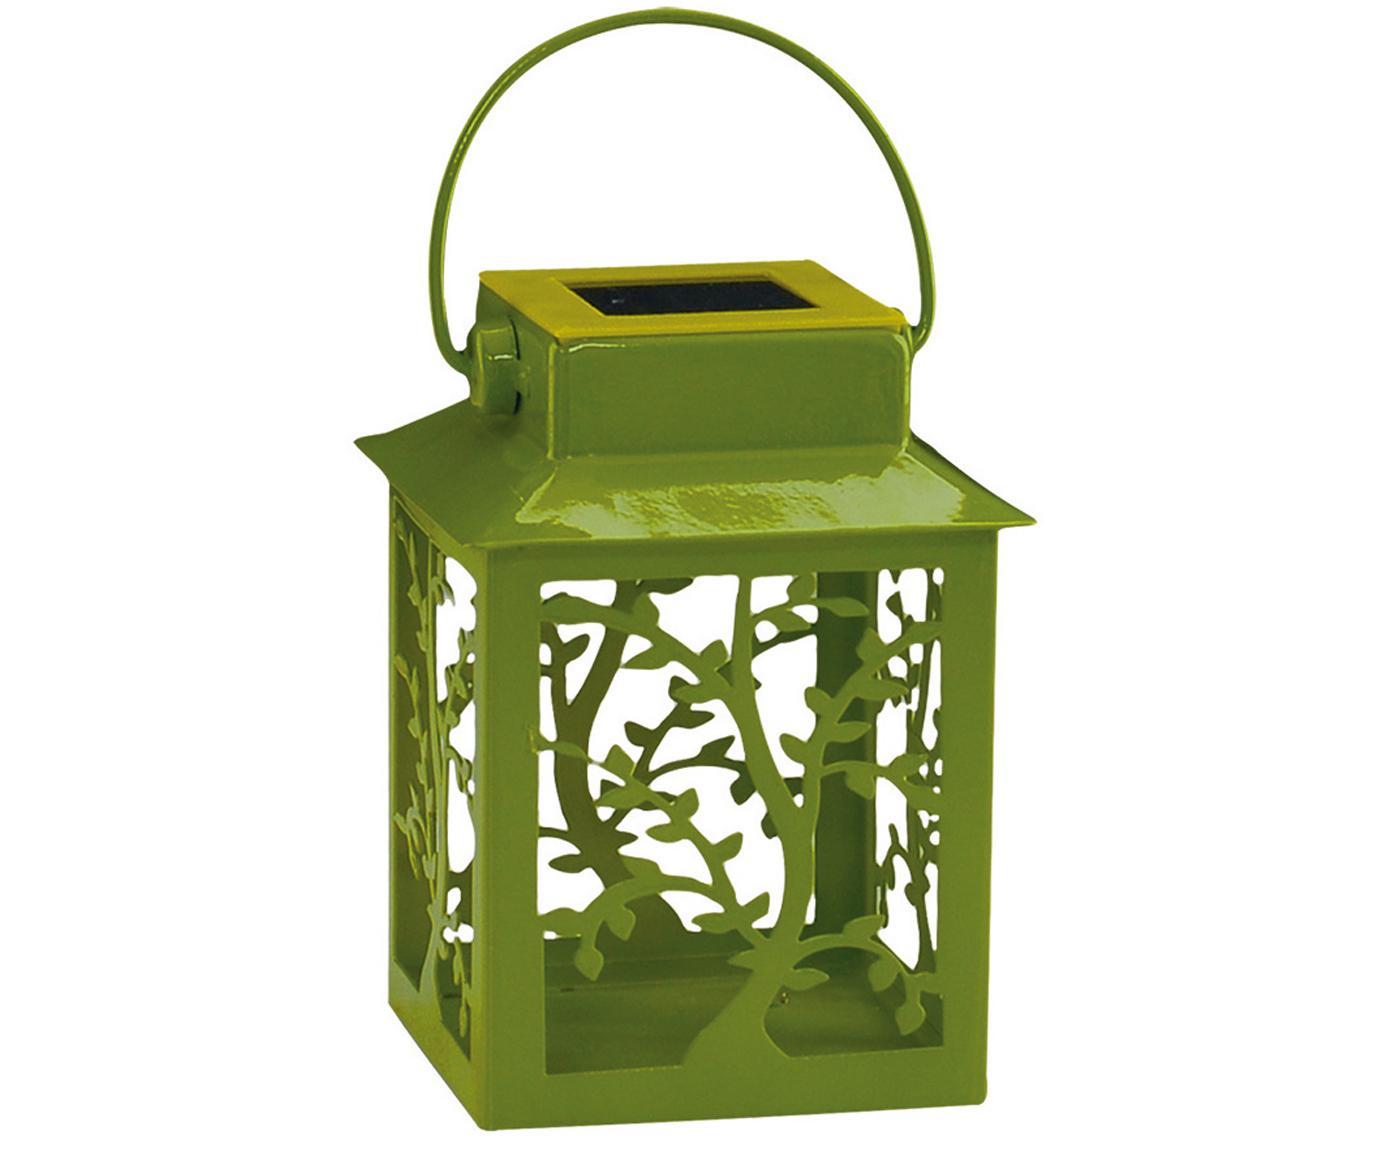 Lampa solarna LED Garden-Lantern, 4 szt., Metal, tworzywo sztuczne, Zielony, D 8 x W 13 cm